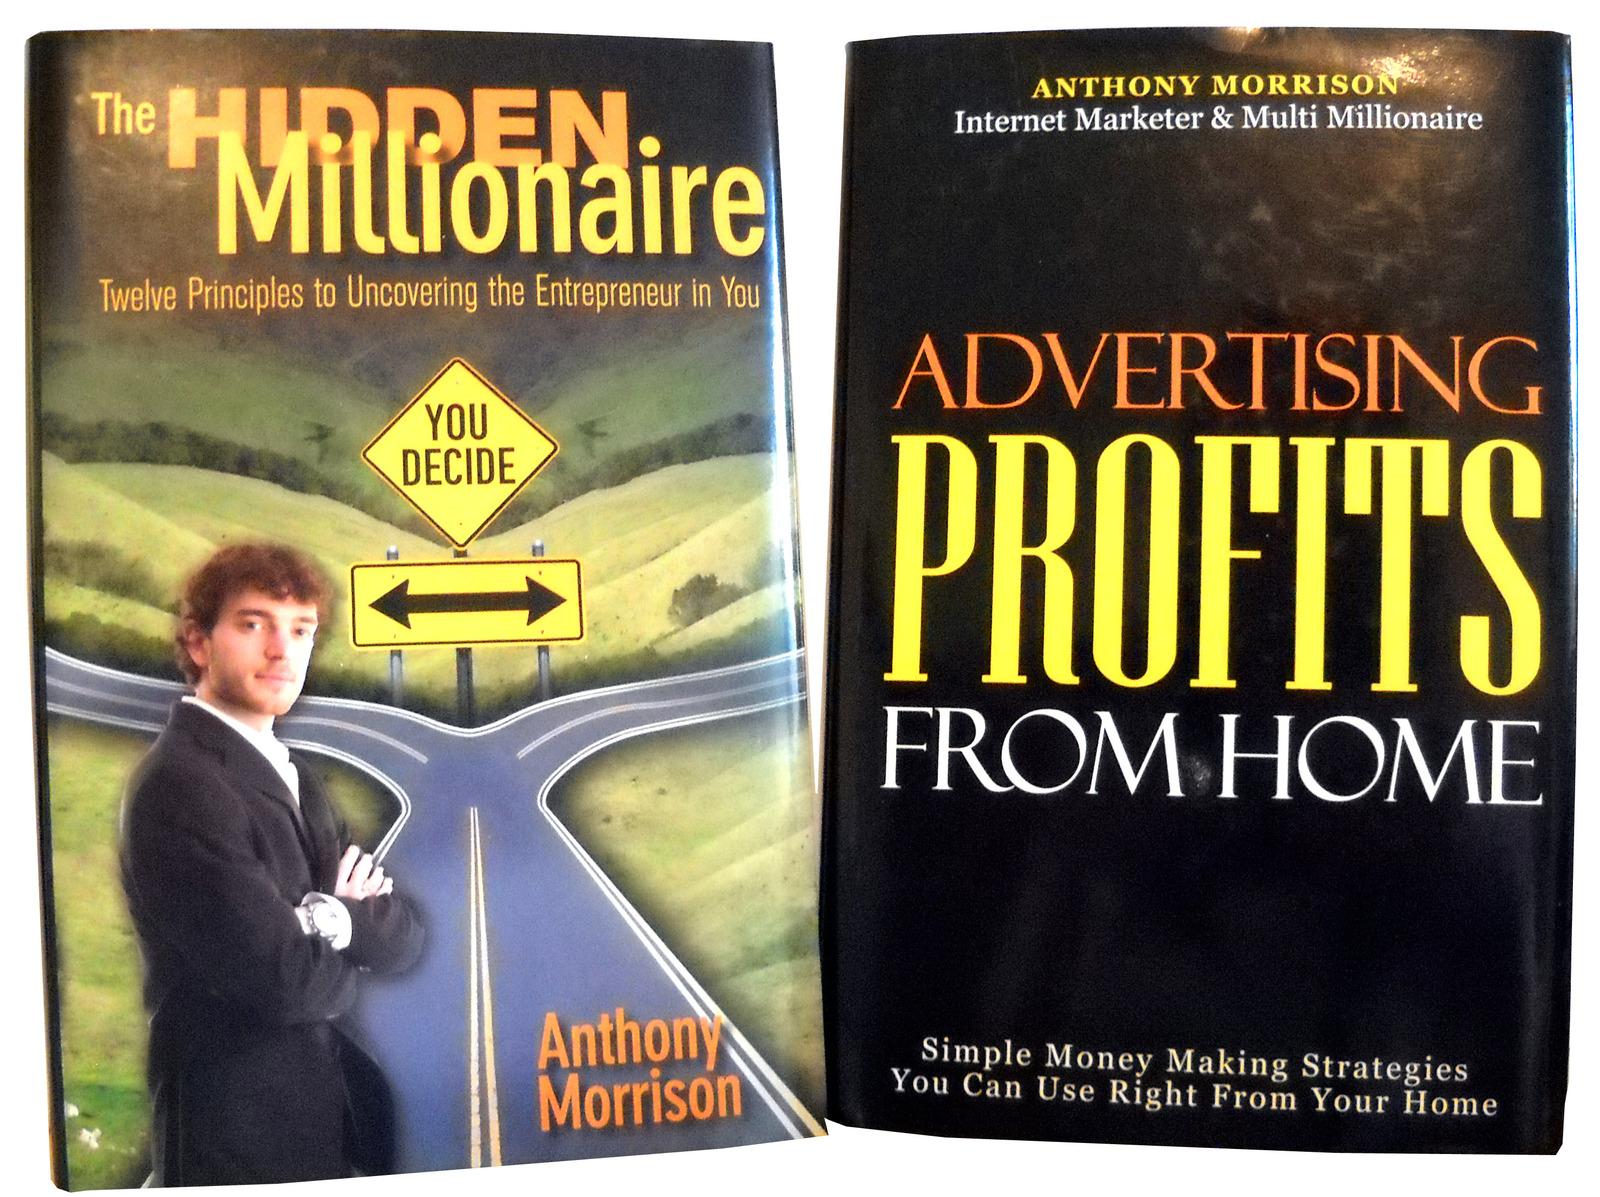 Hiddenmillionaire